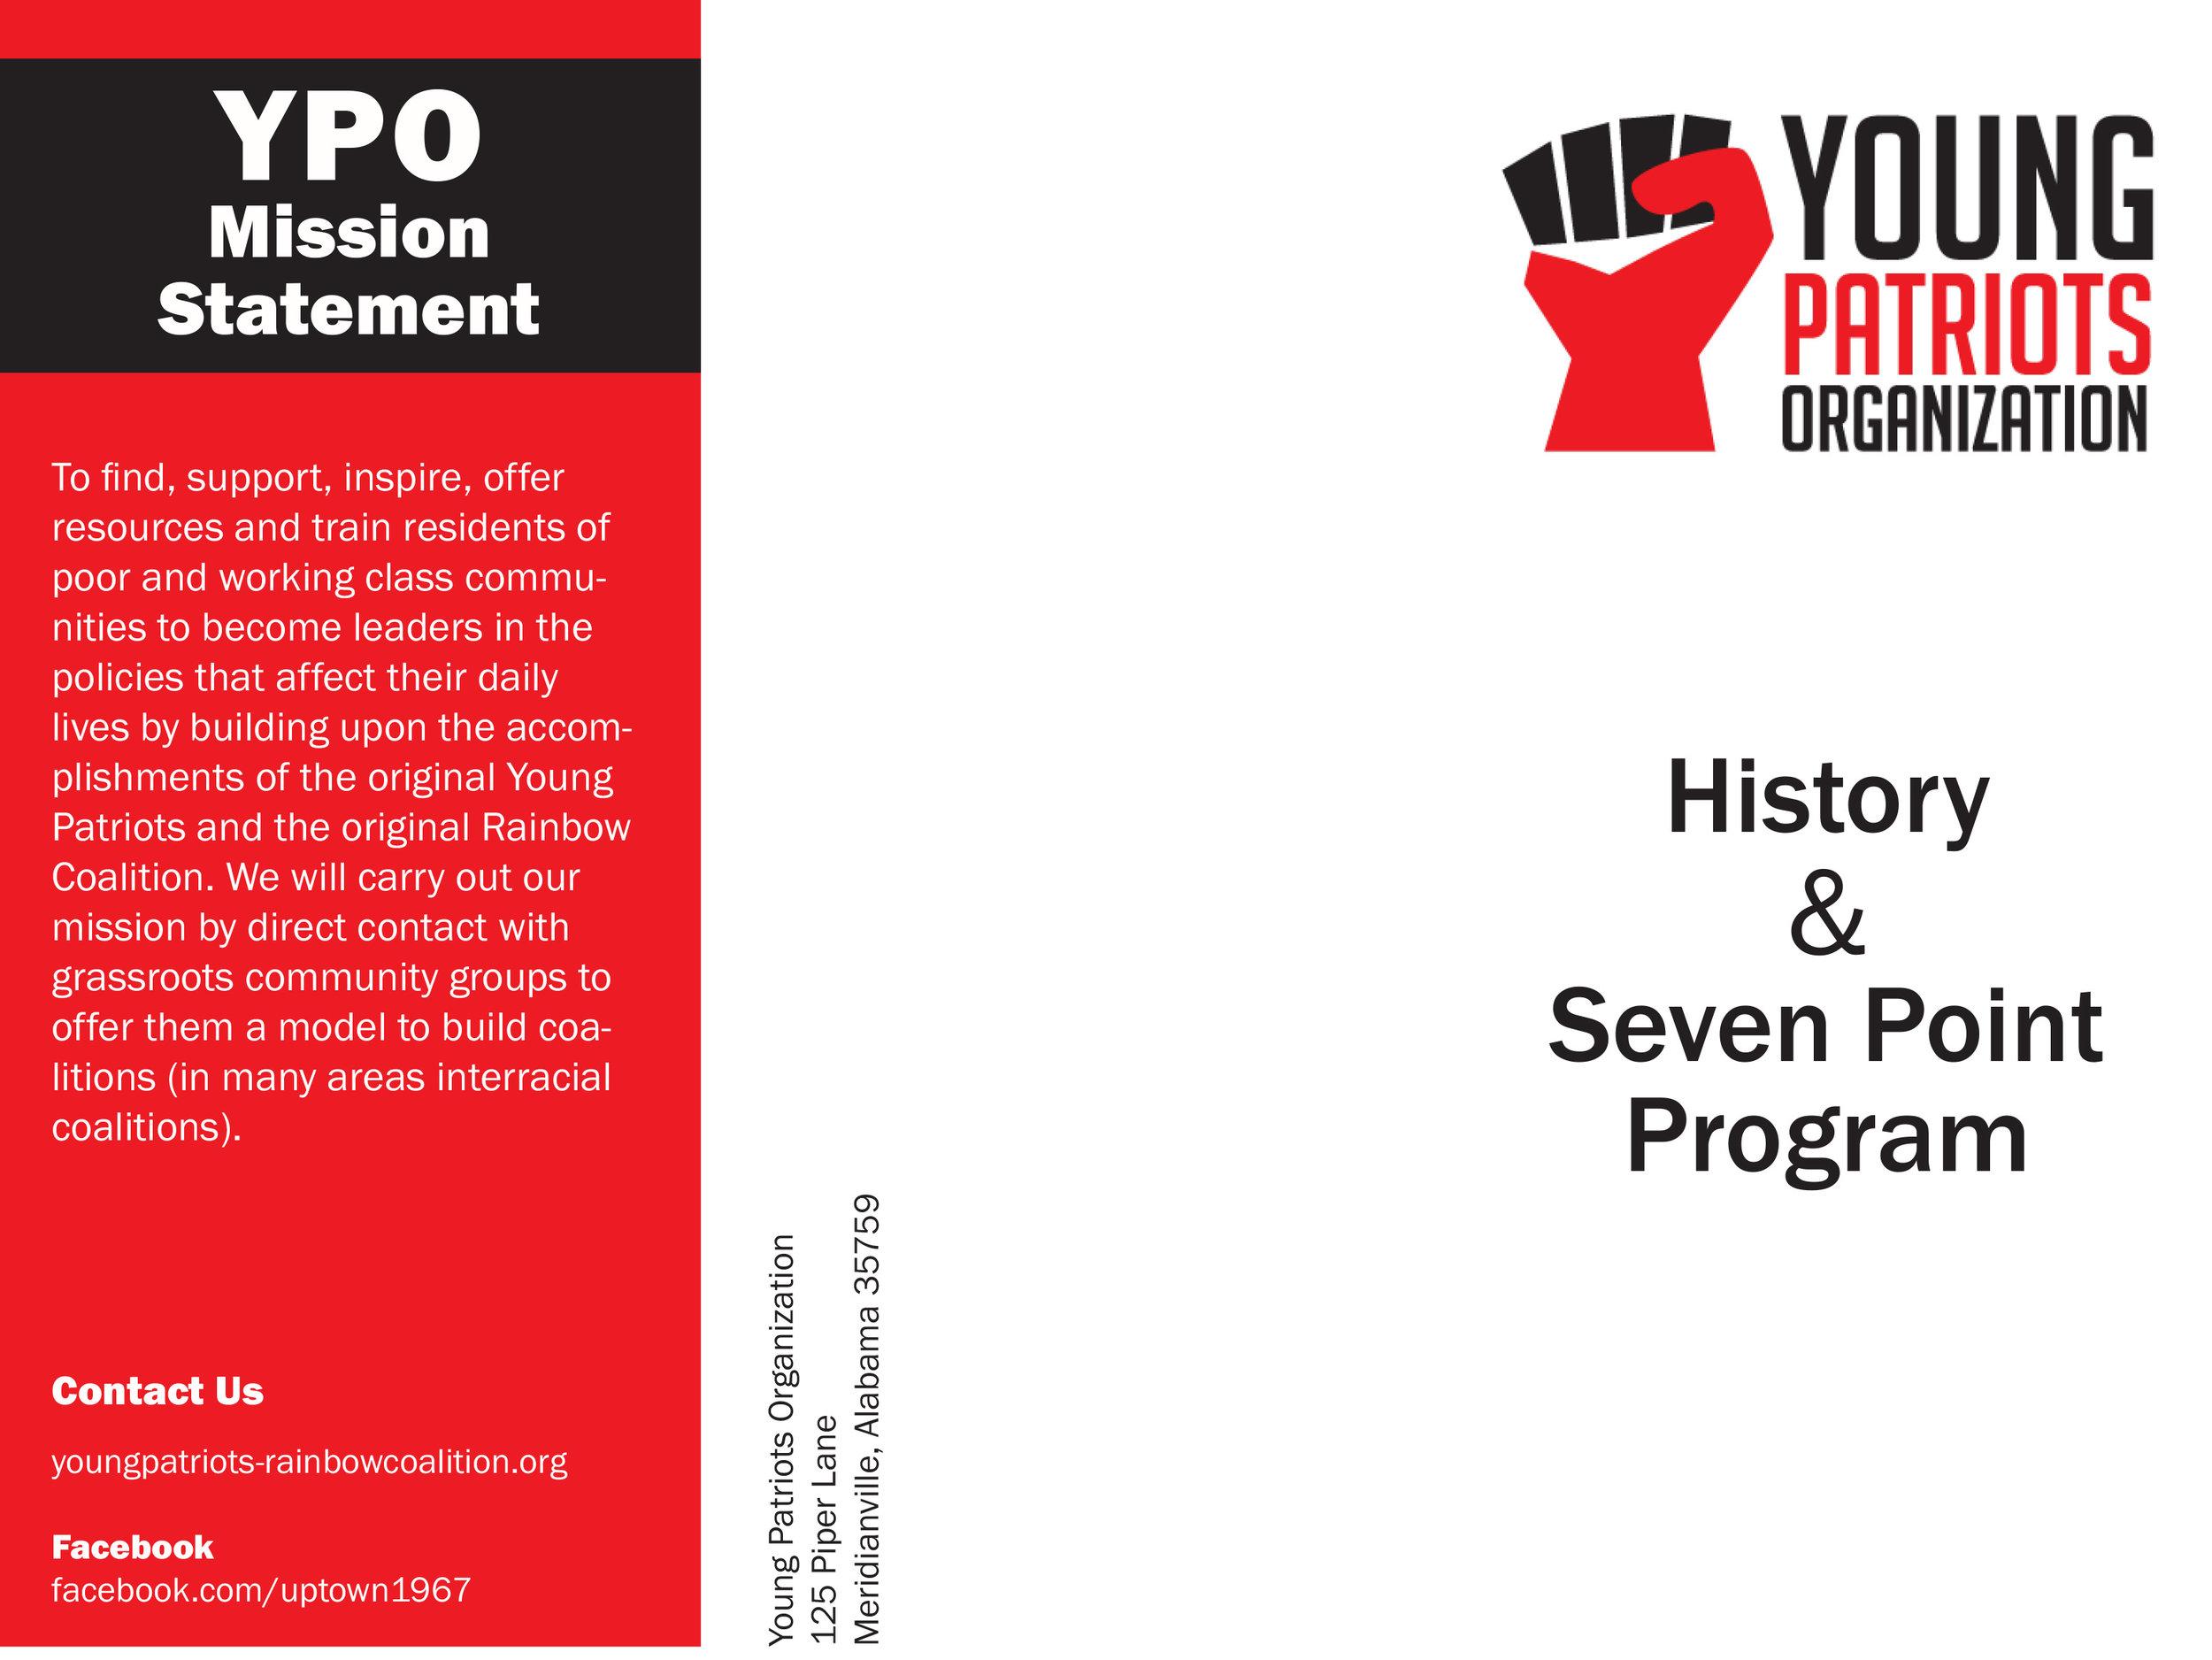 YPObrochure 2-1.jpg